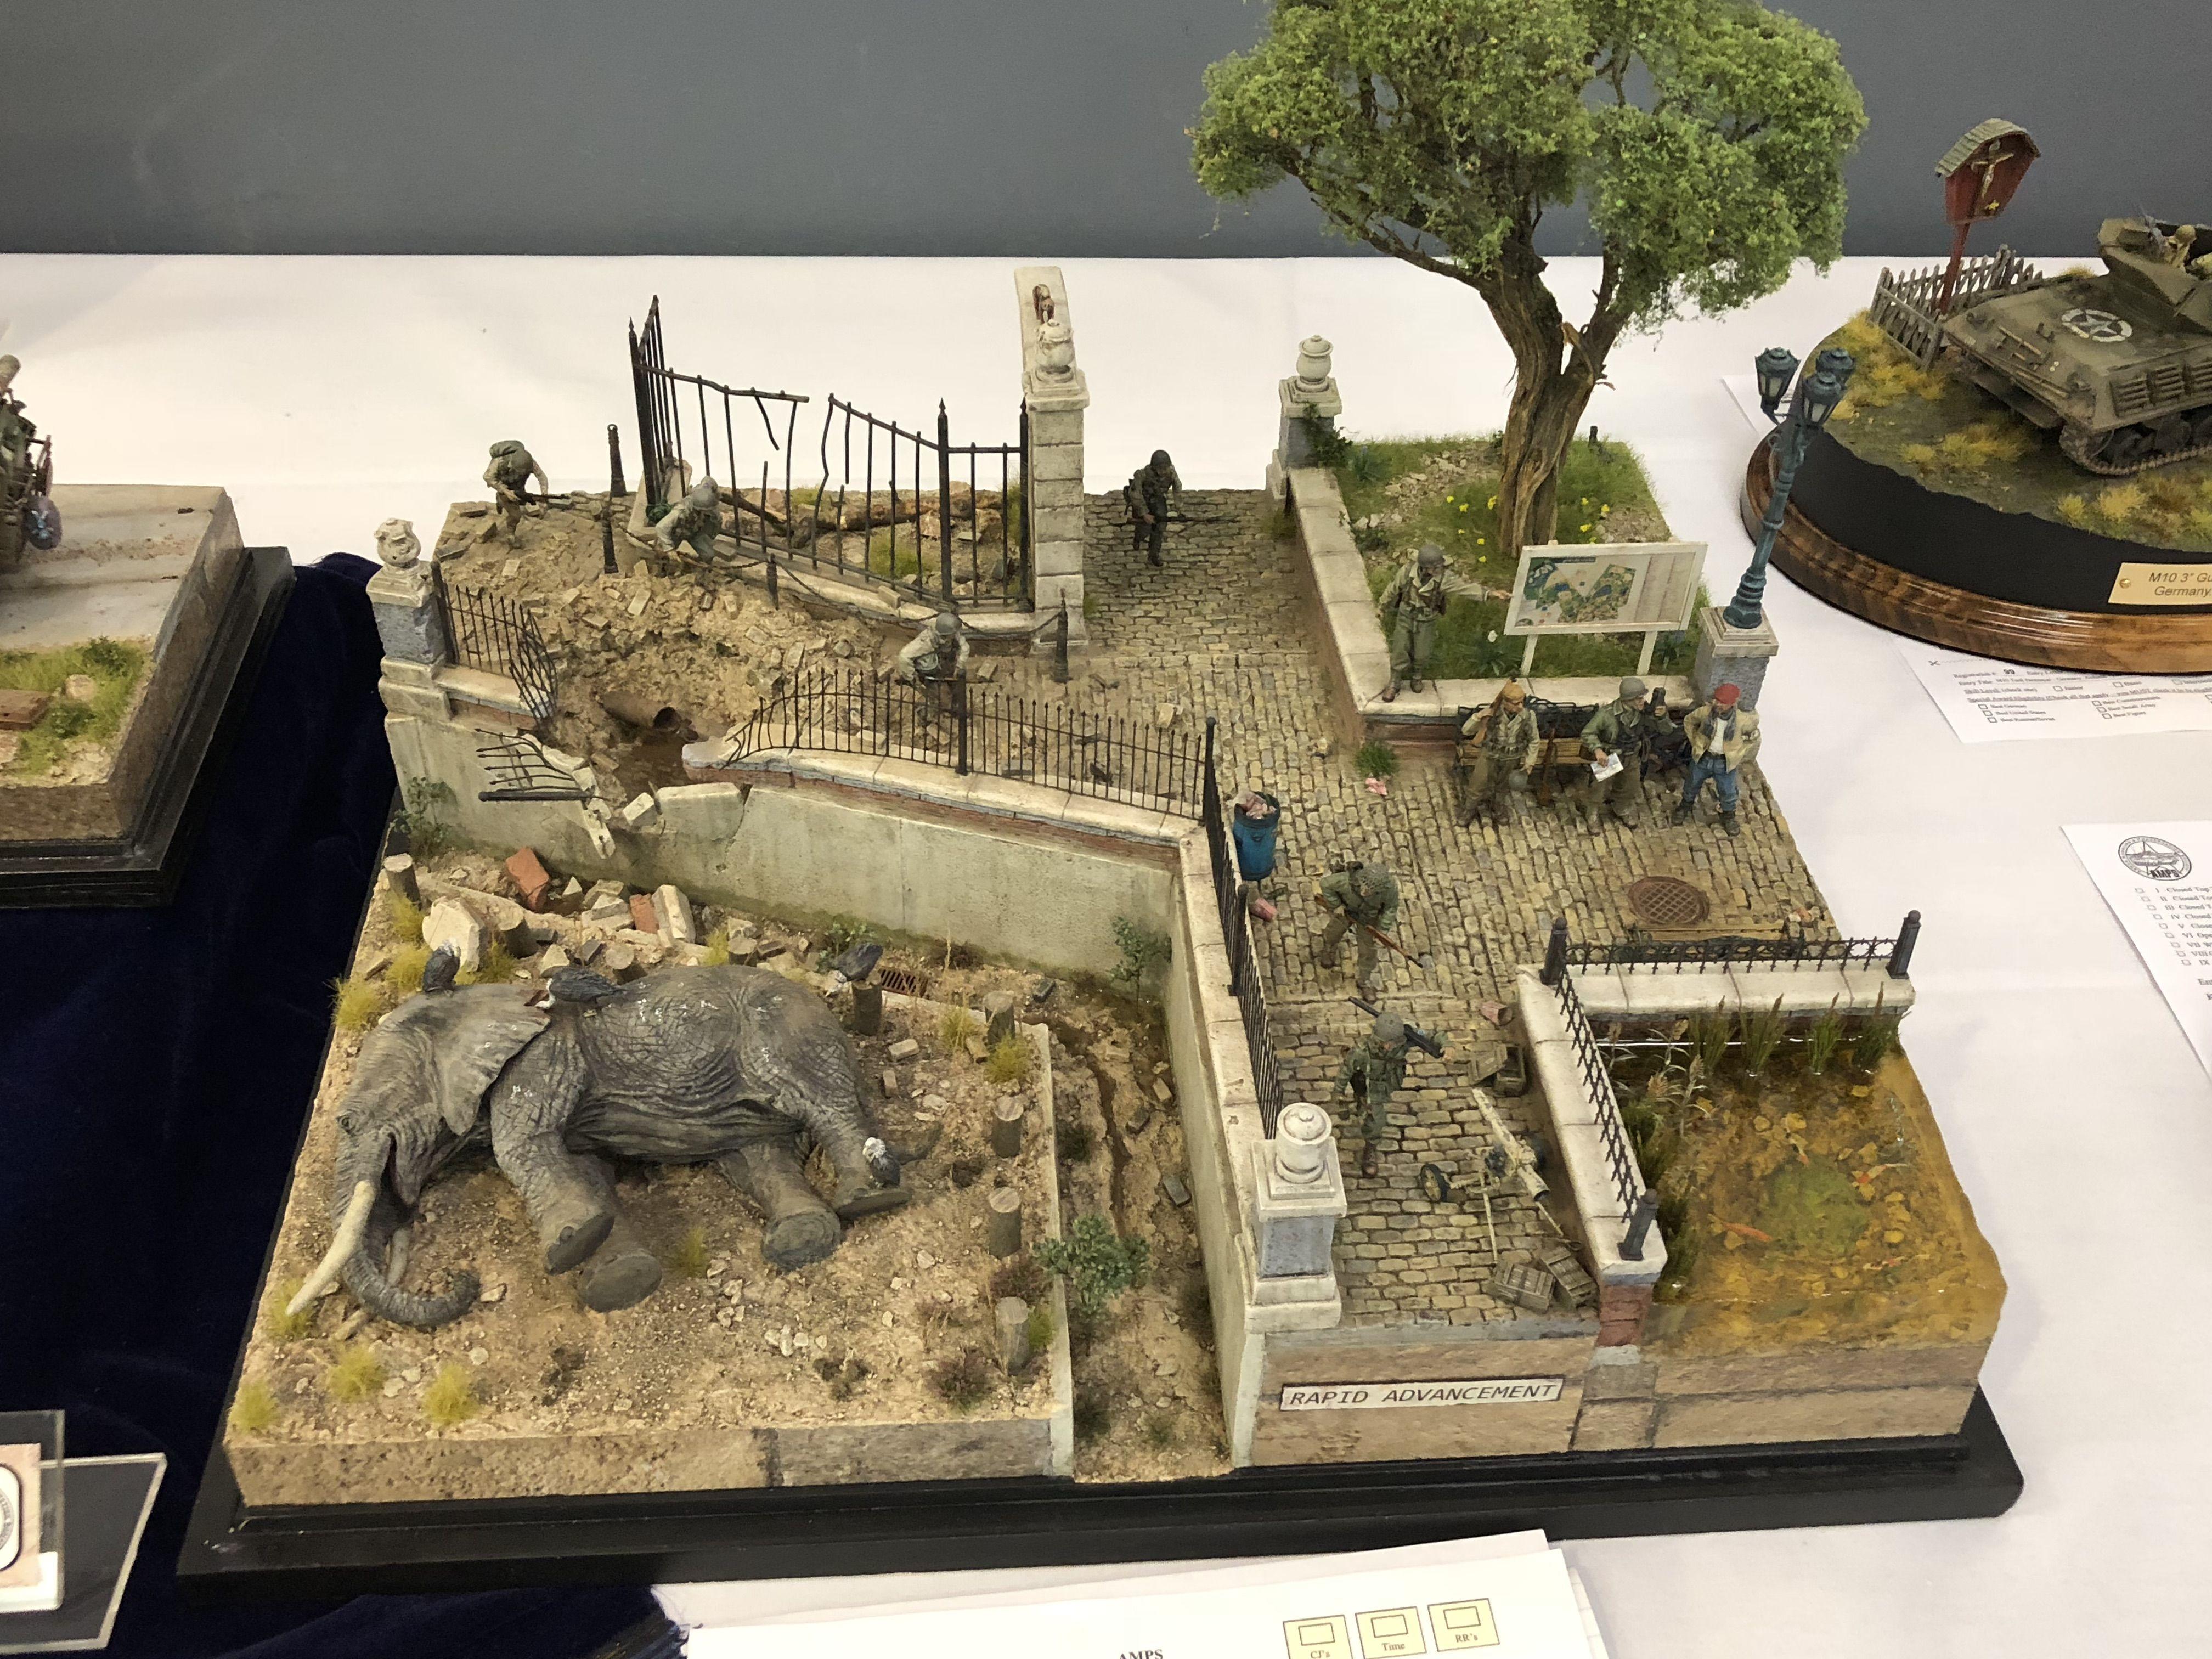 1 35 Diorama Rapid Advancement Diorama Military Diorama Scenery